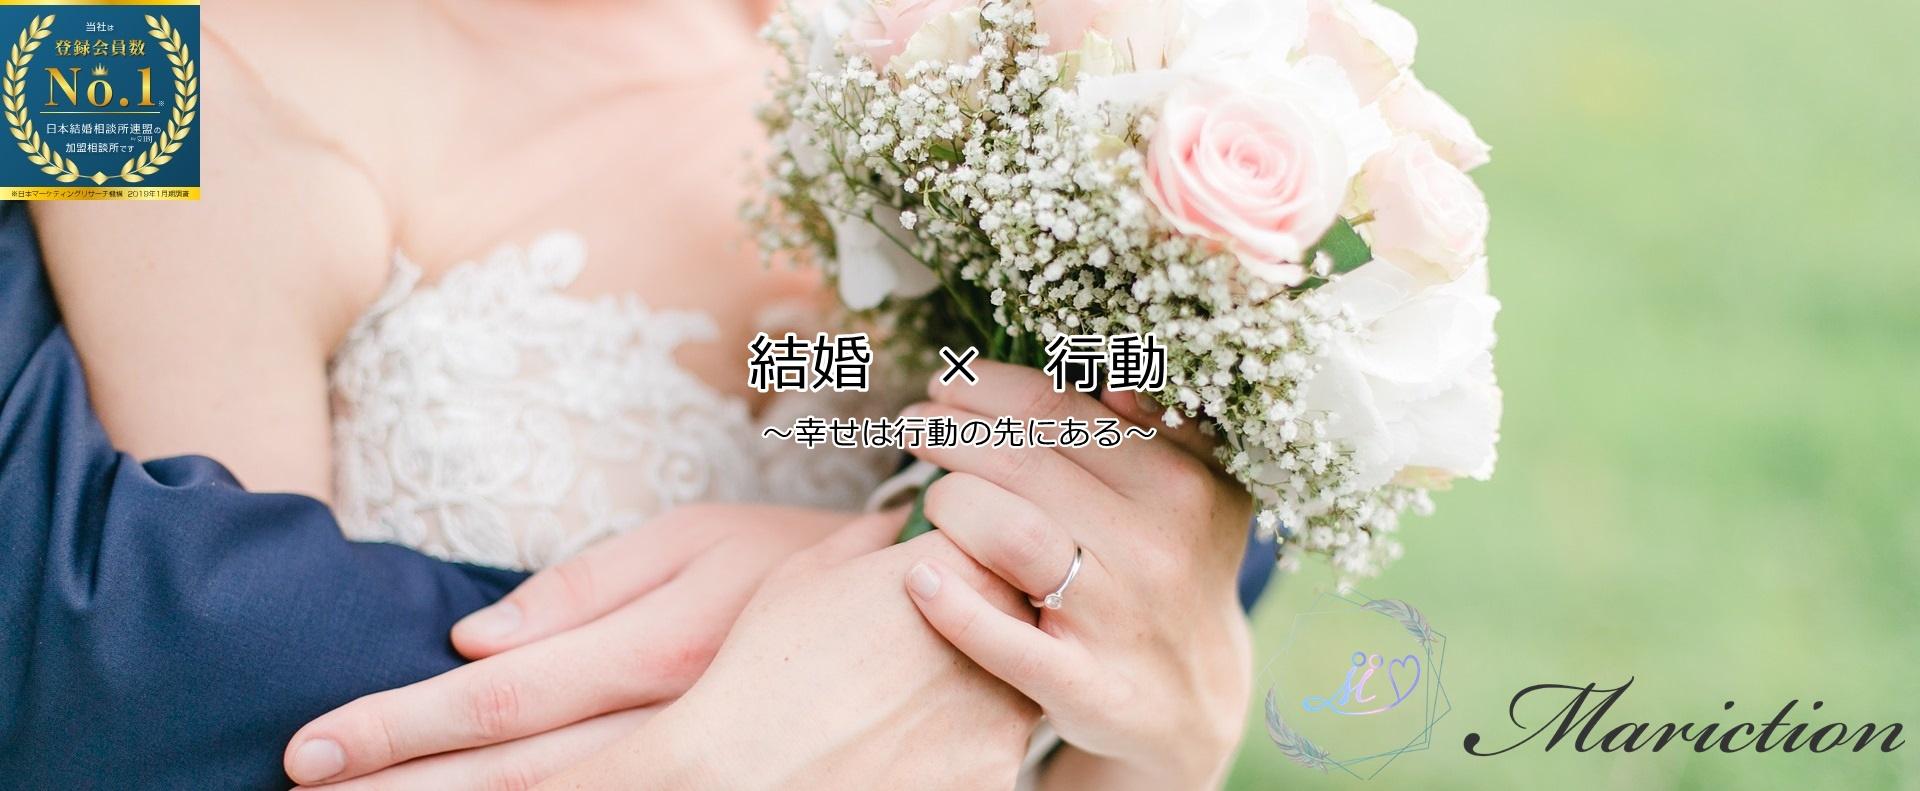 結婚×行動